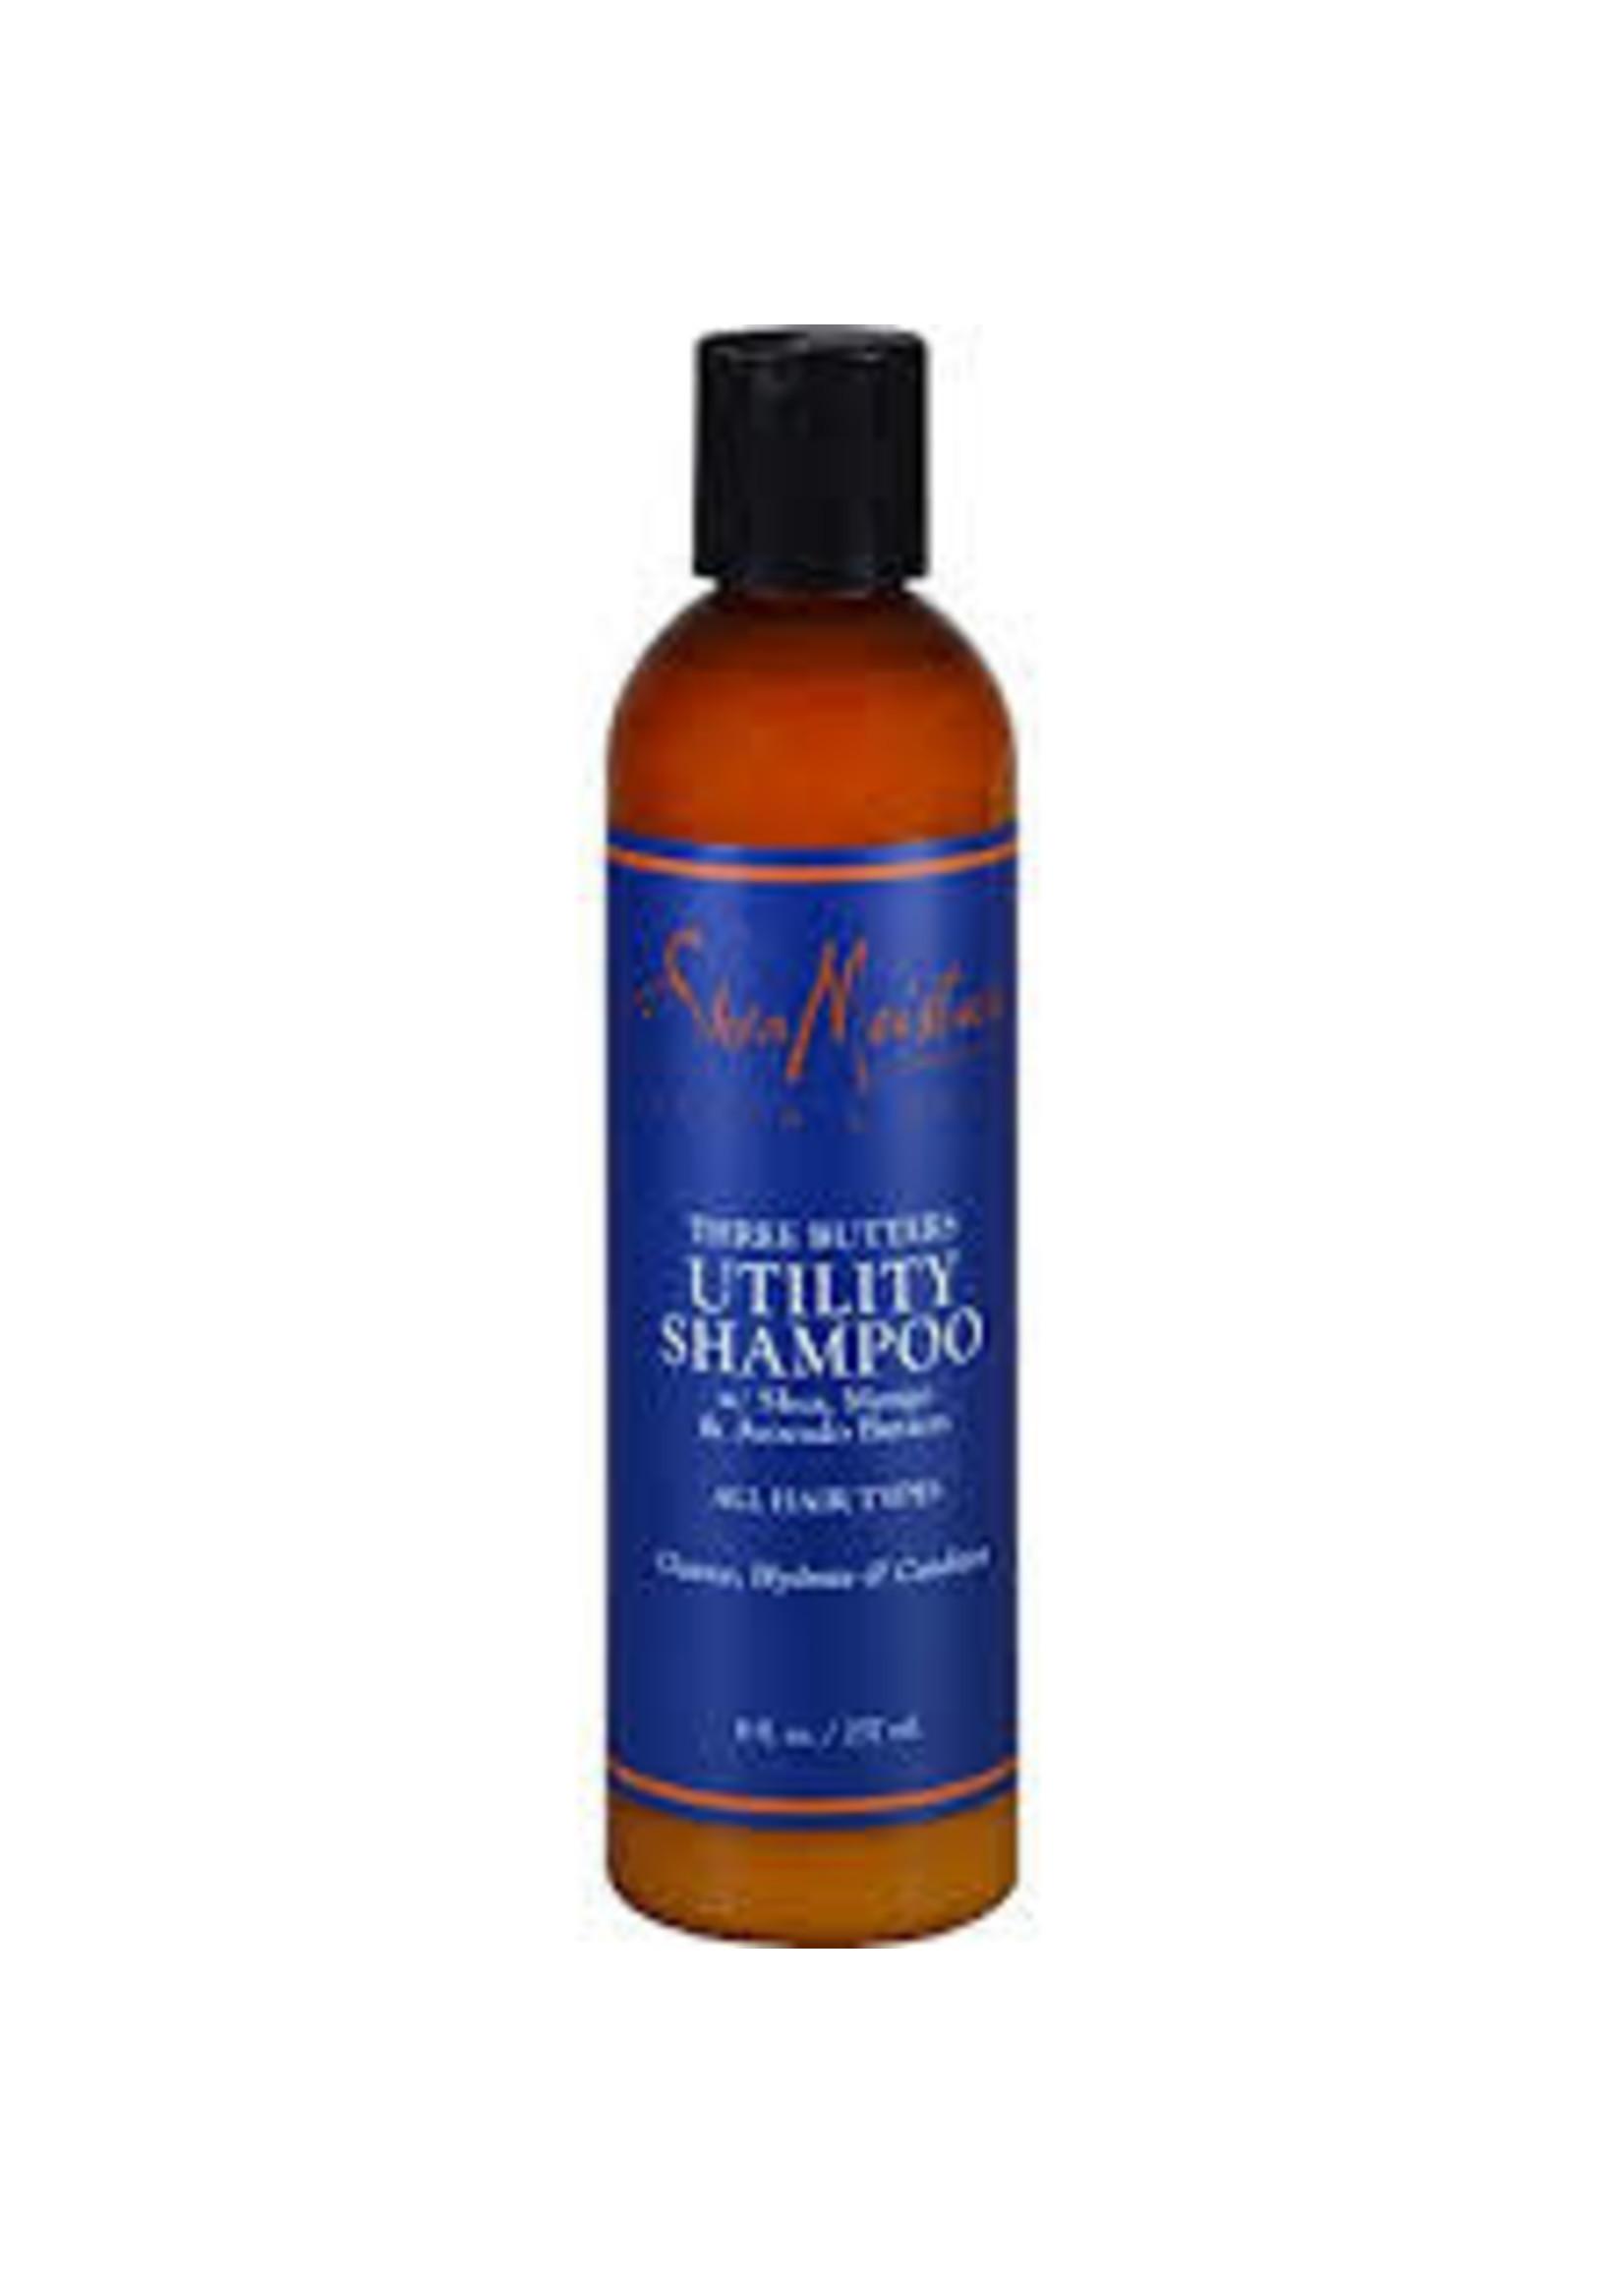 Shea Moisture Three Butters Utility Shampoo